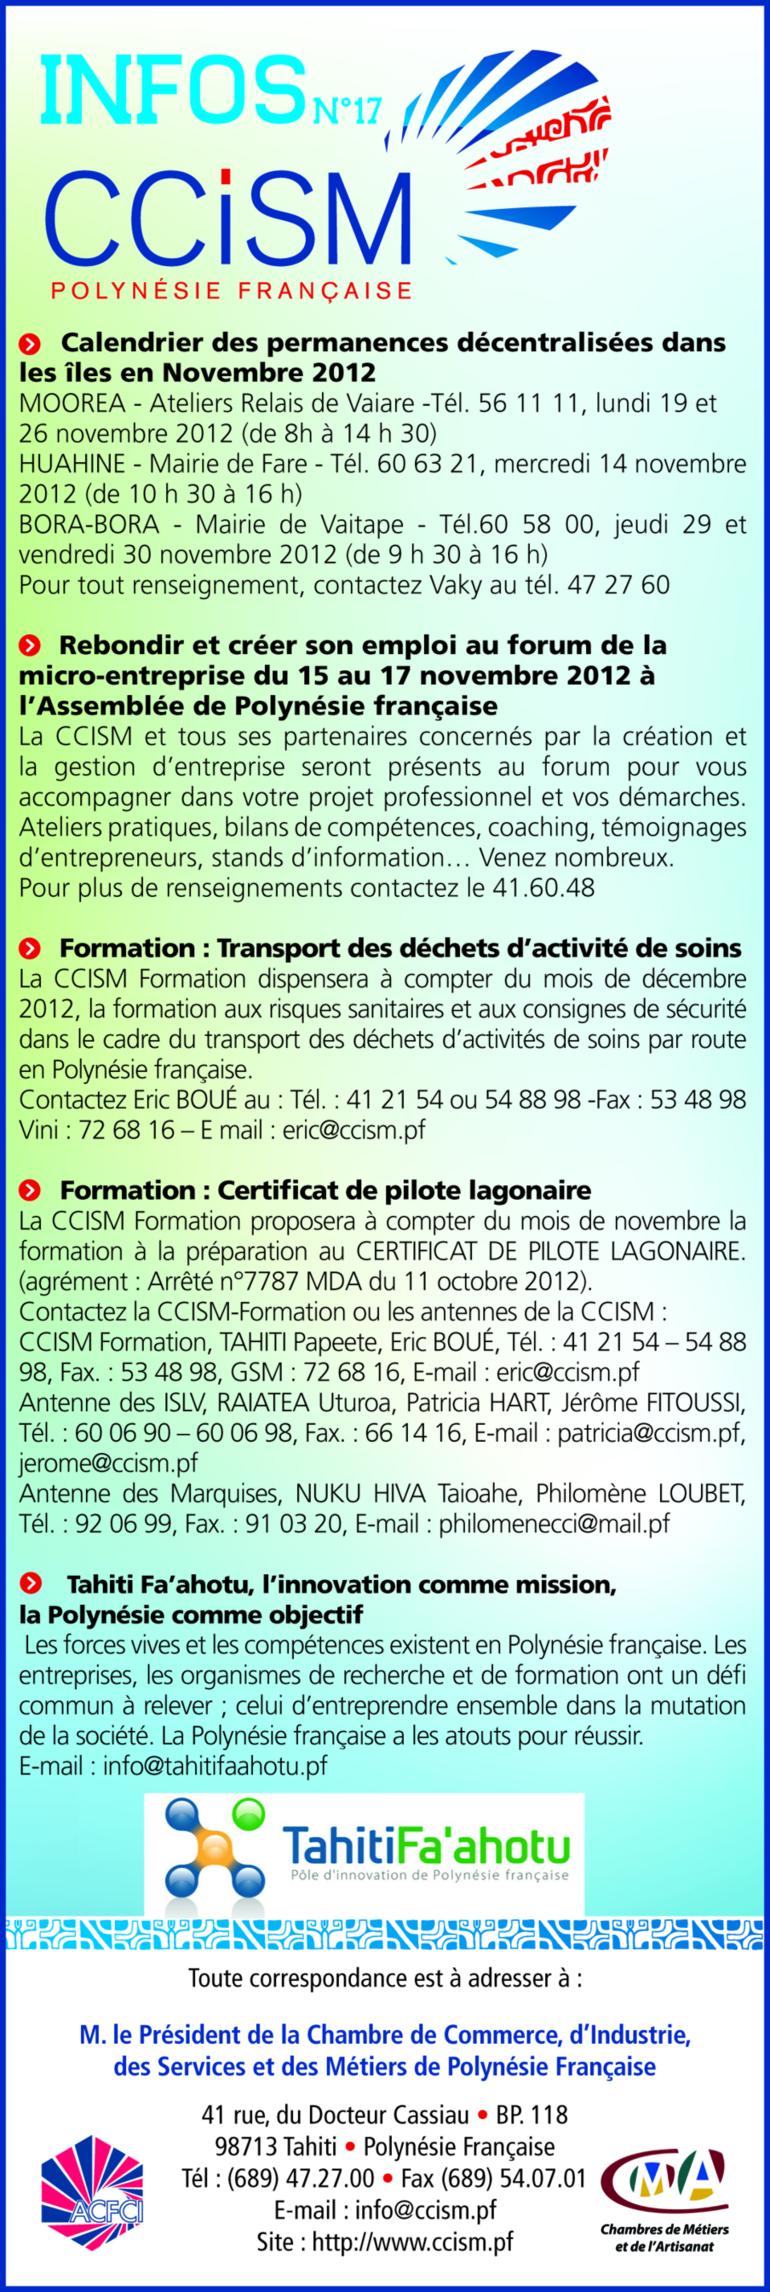 Infos CCISM N°17